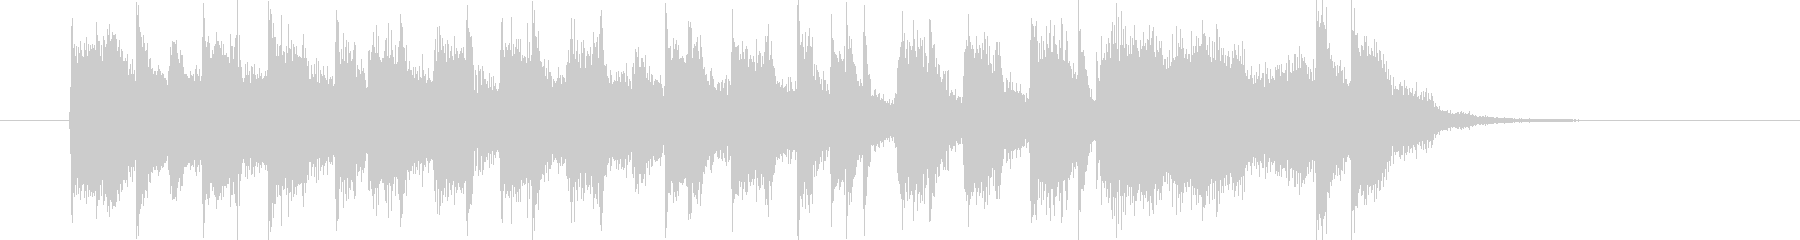 アメリカンスクールなポップロックの未再生の波形